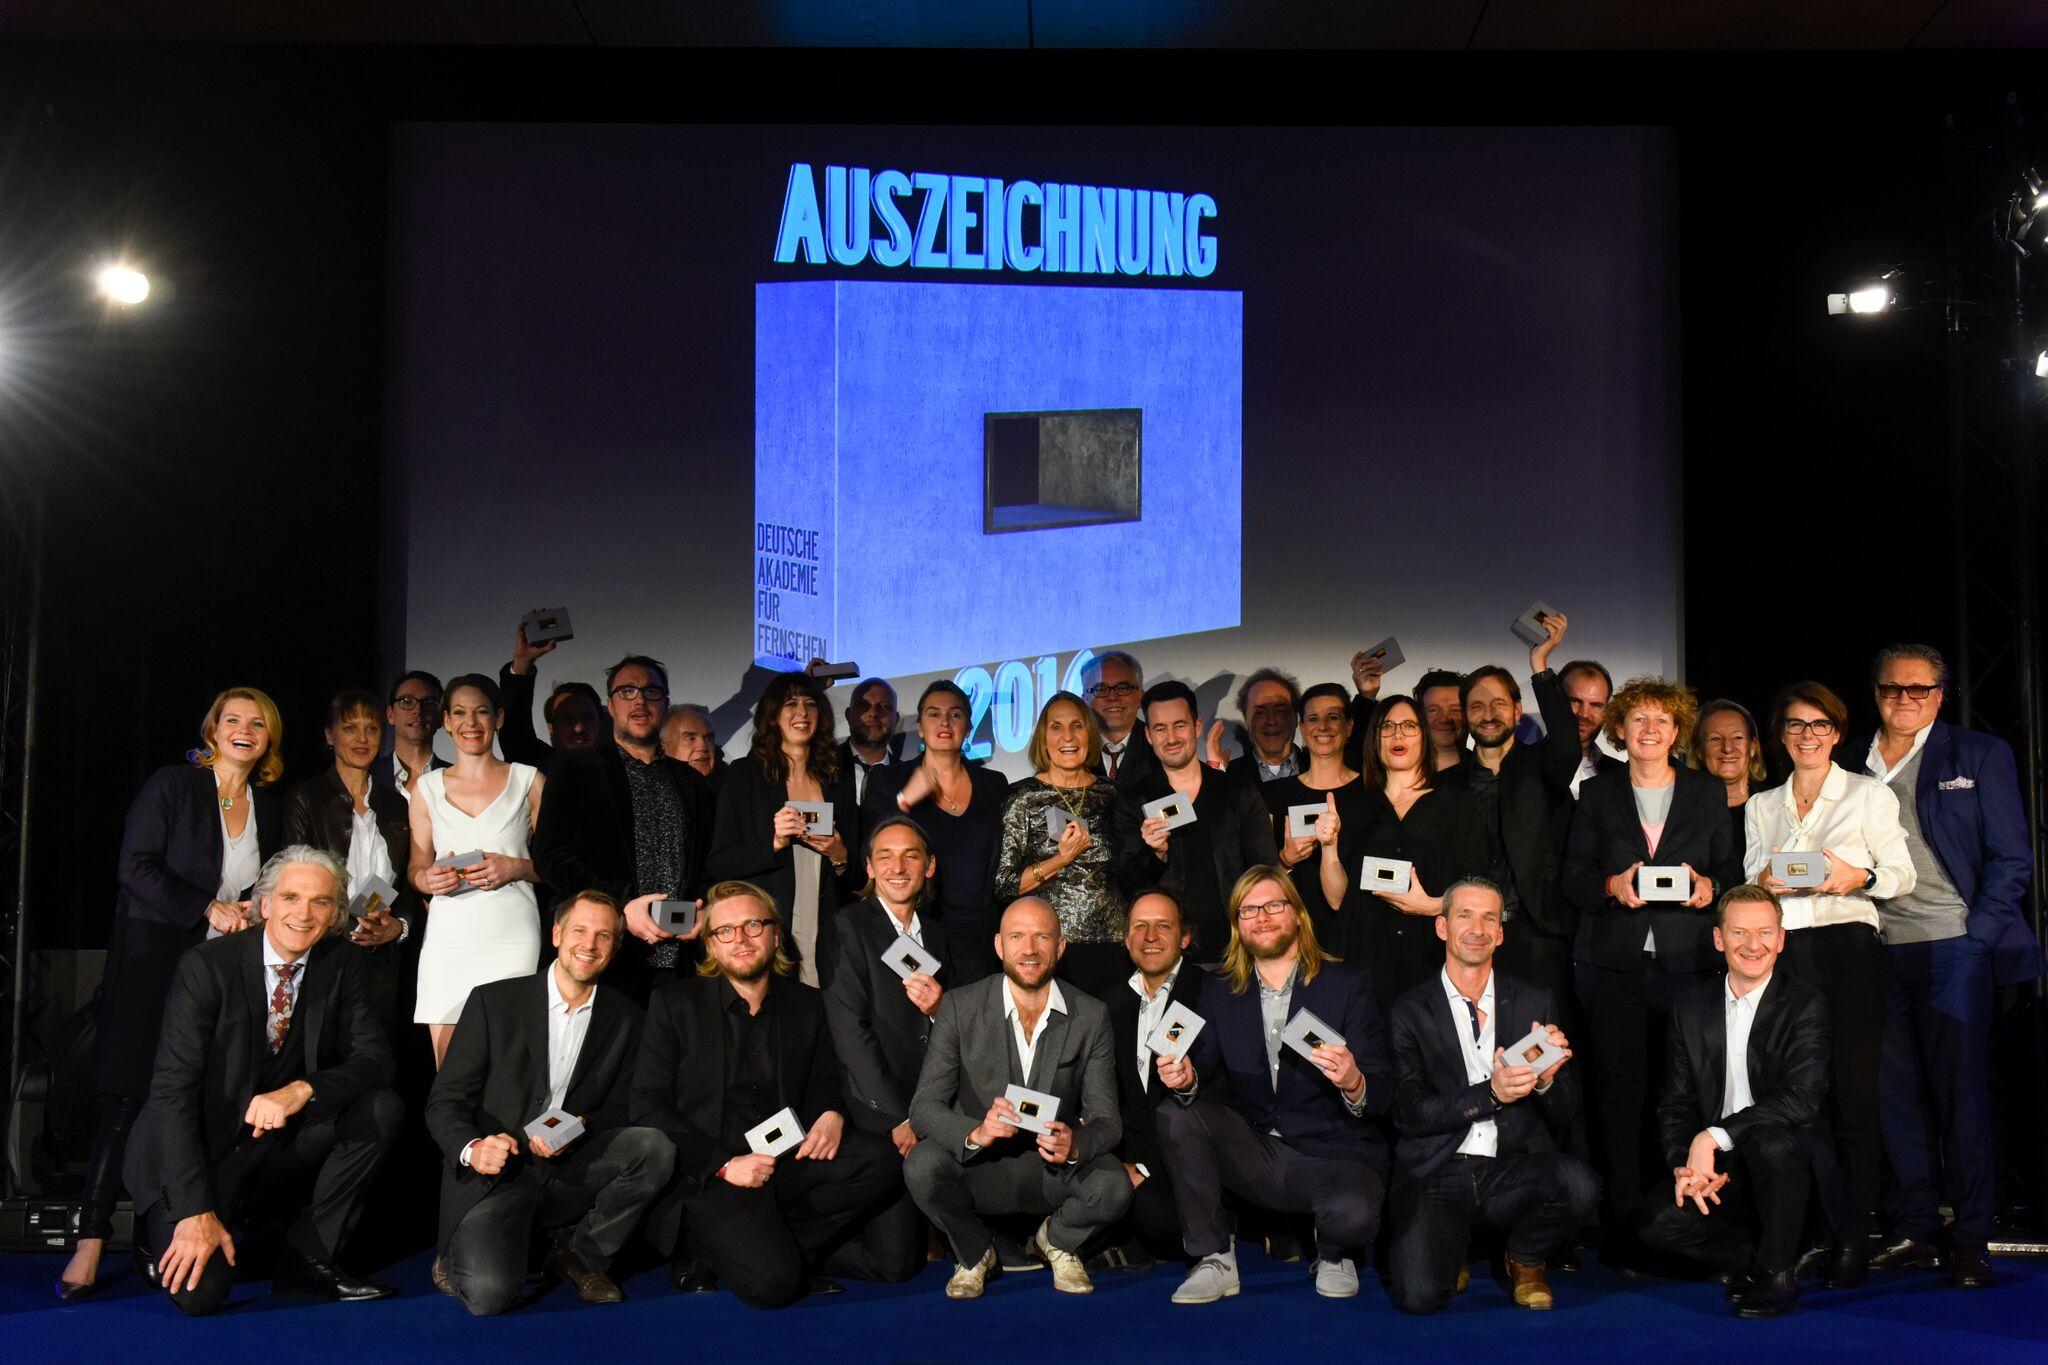 DAfF-Auszeichnungen 2016 Gruppenbild der Preisträger